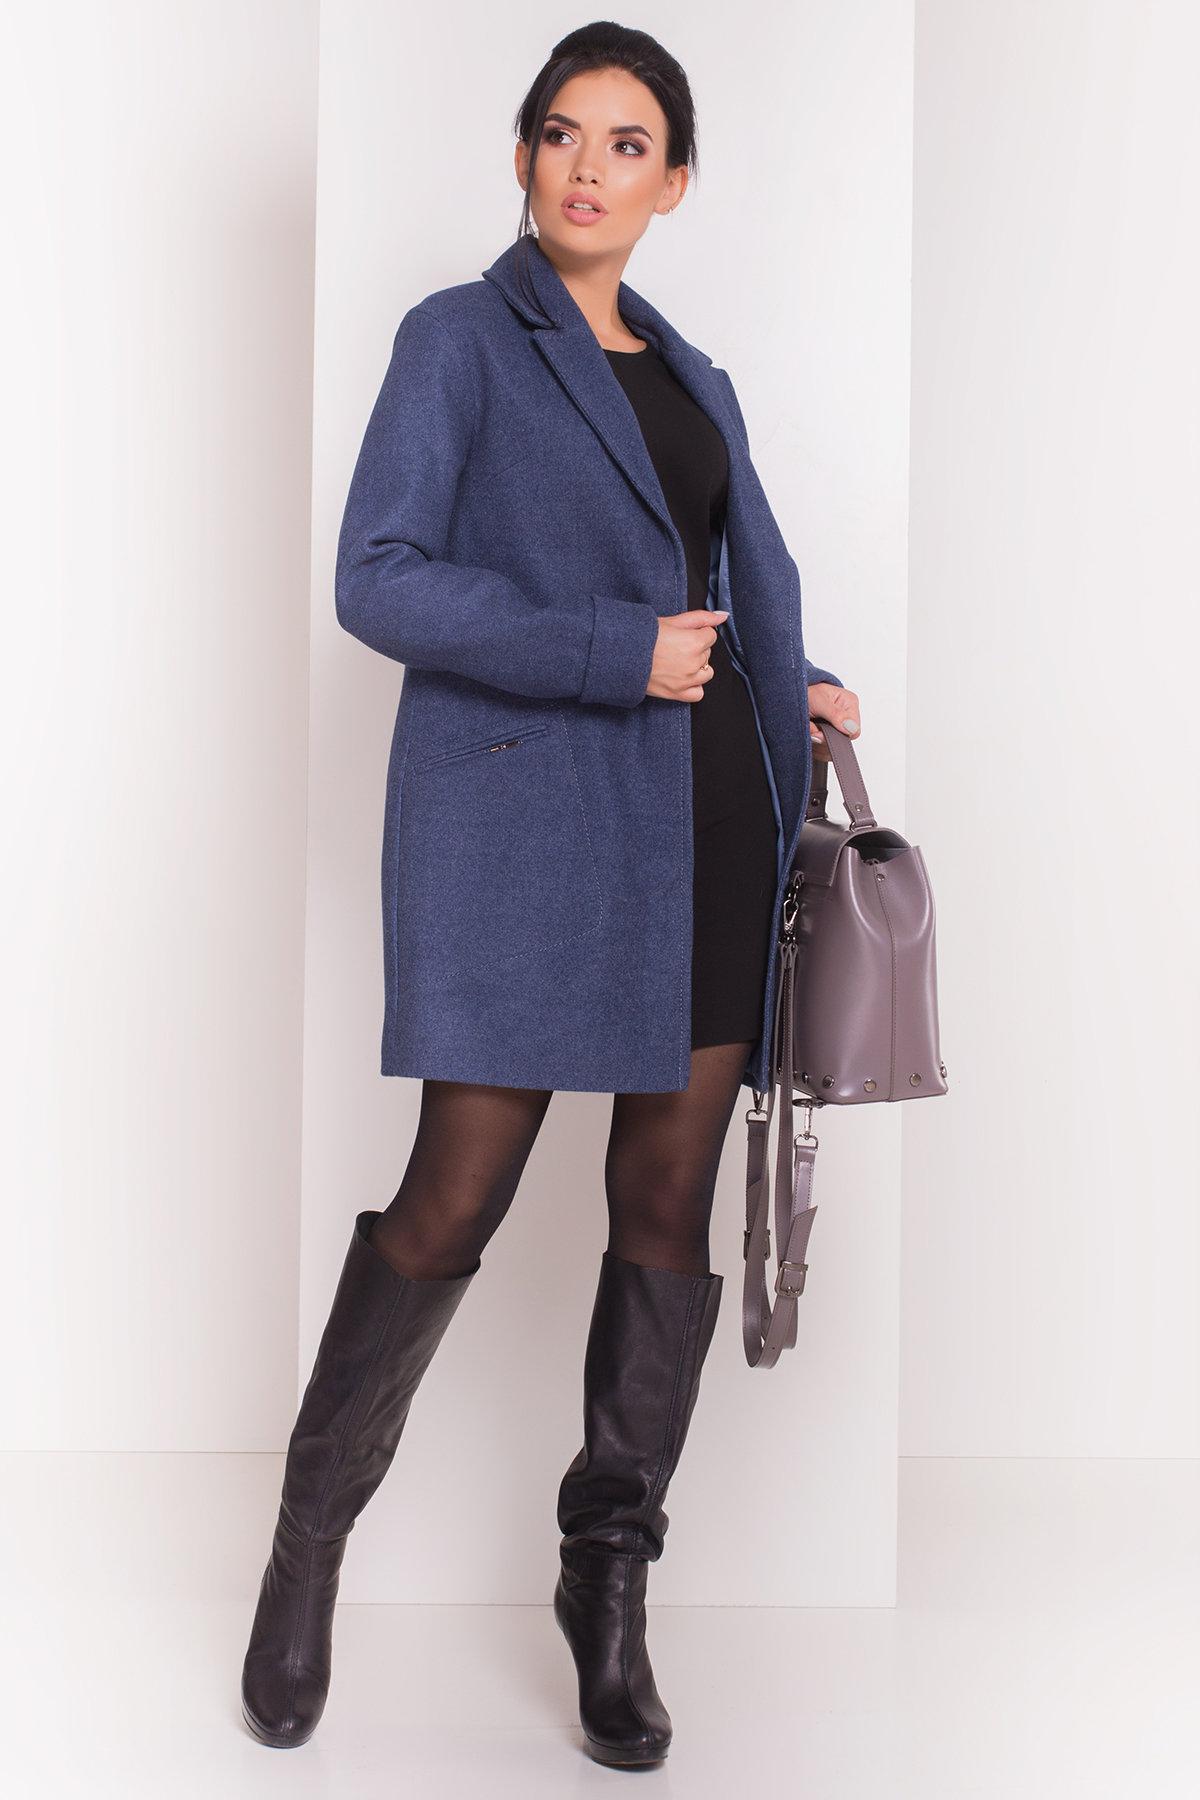 Пальто Ждана  5405 АРТ. 36715 Цвет: Джинс - фото 1, интернет магазин tm-modus.ru